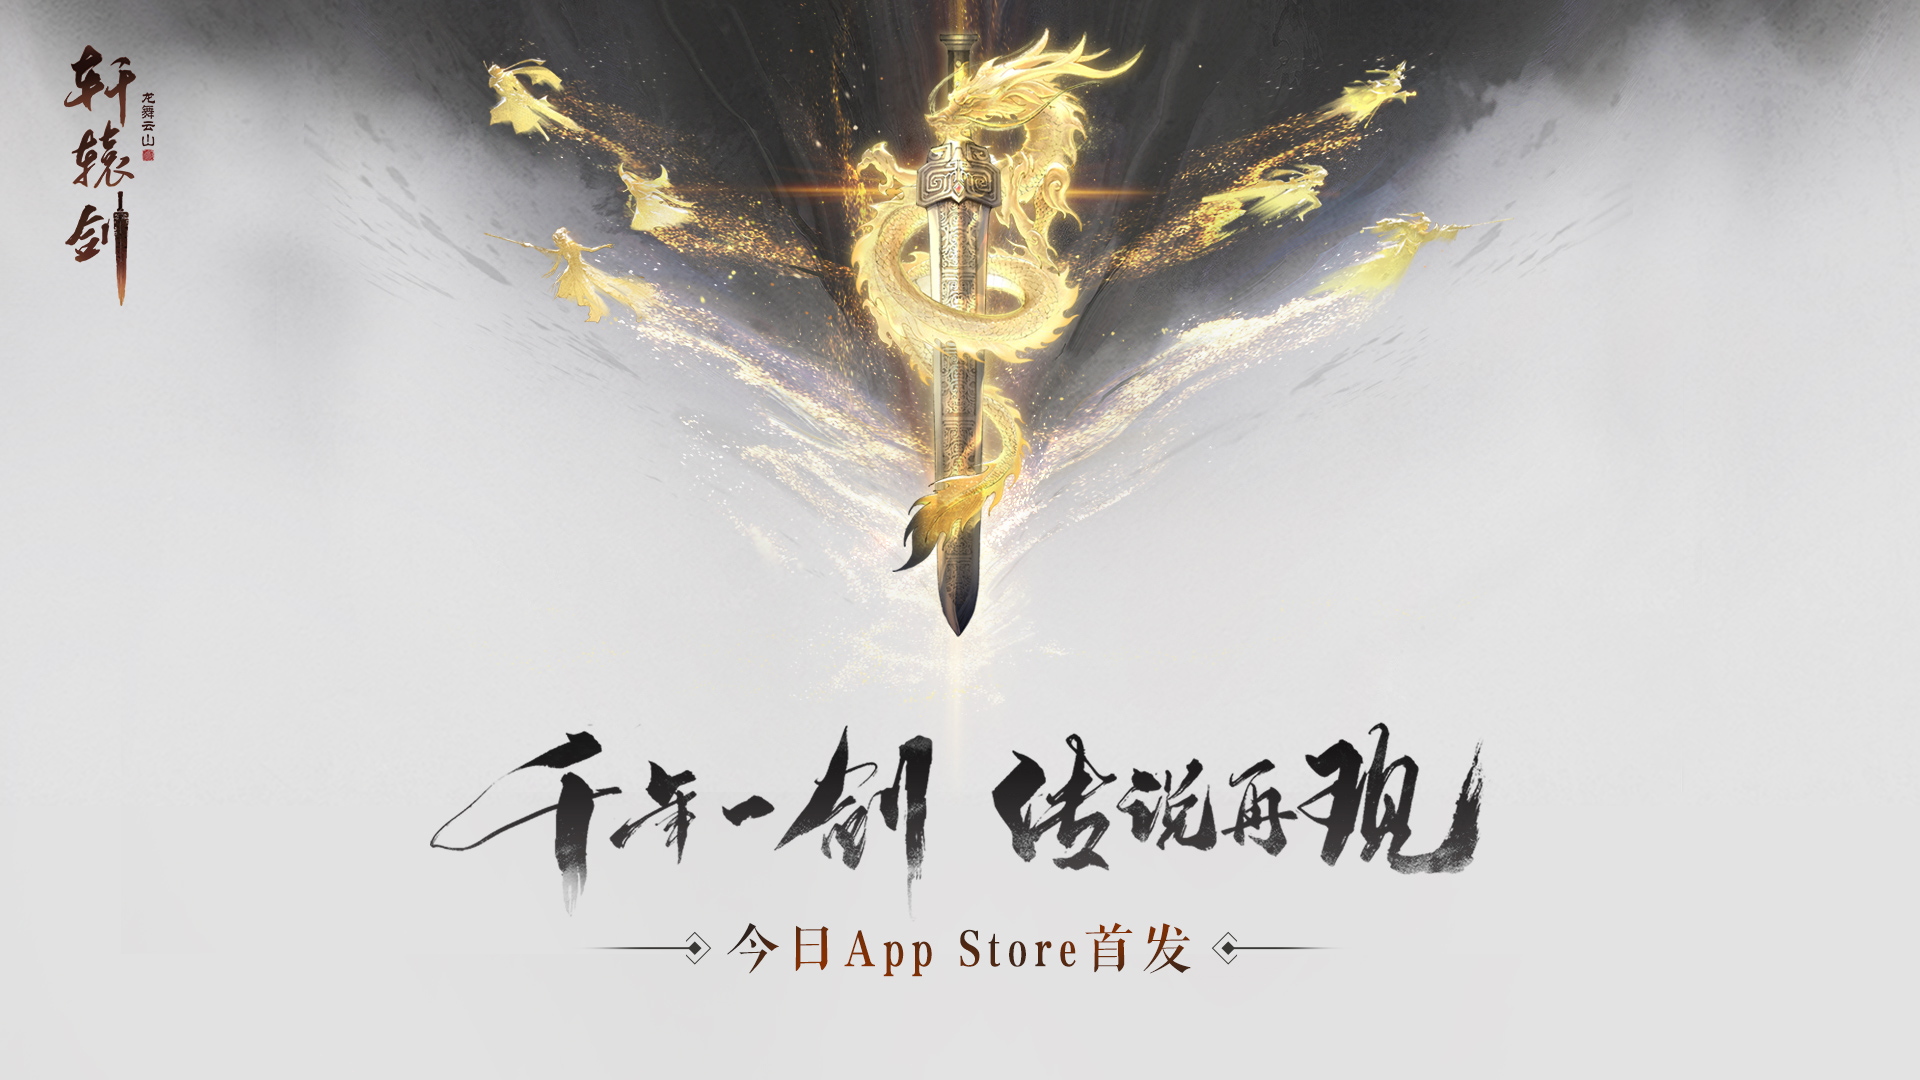 荣获App Store大力推荐!《轩辕剑龙舞云山》今日iOS正式上线!